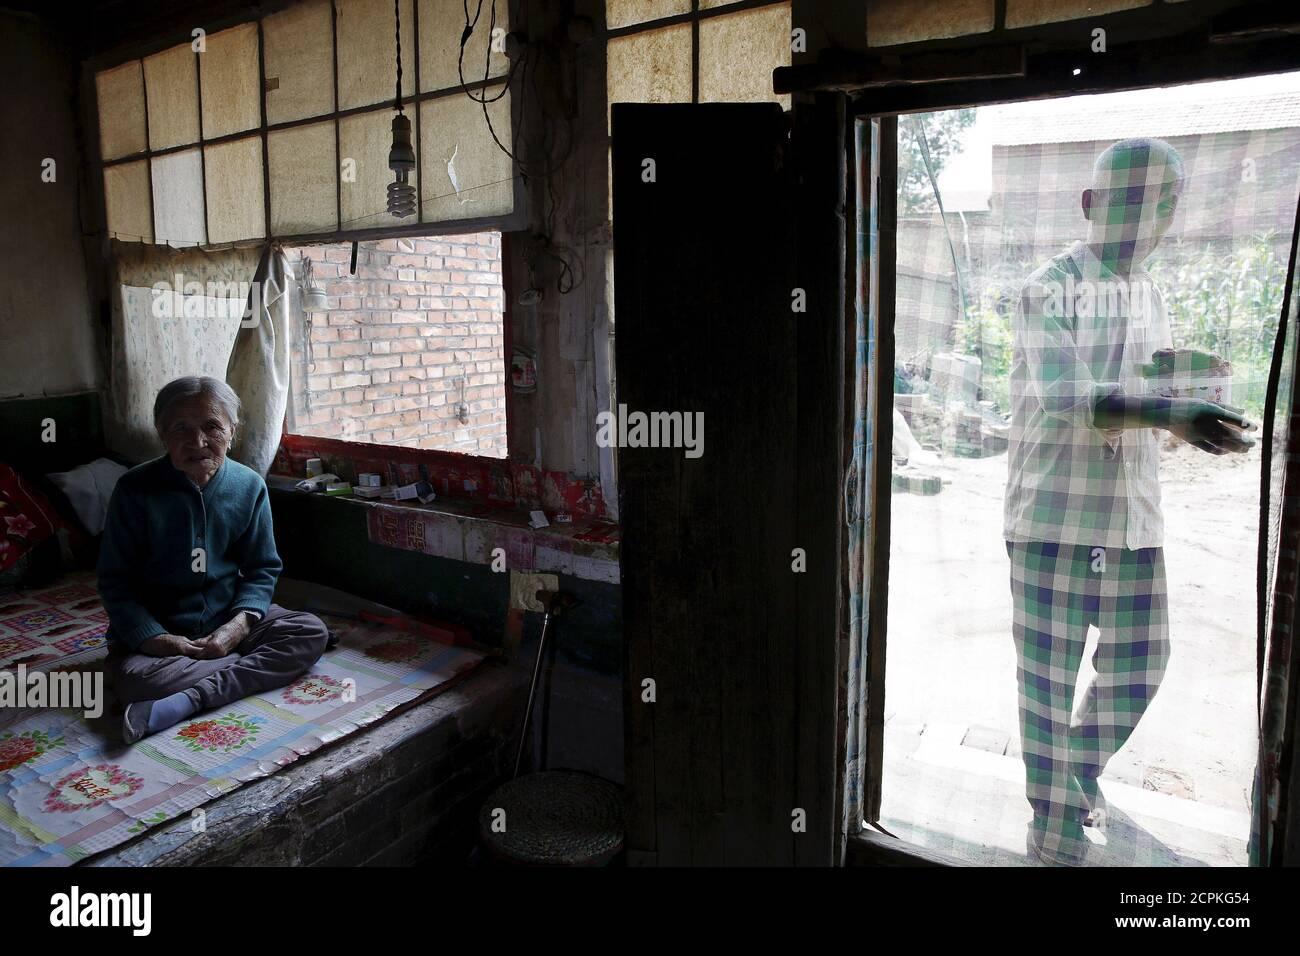 L'ancienne 'femme de confort' chinoise Zhang Xiantu repose sur un lit traditionnel en brique tandis que son fils apporte son déjeuner à Xiyan Town, province du Shanxi, Chine, le 18 juillet 2015. € œComfort femme? Est l'euphémisme japonais pour les femmes qui ont été forcées à la prostitution et victimes d'abus sexuels dans des maisons de prostitution militaires japonaises avant et pendant la Seconde Guerre mondiale. Zhang est la seule ancienne 'femme de réconfort' survivante des 16 plaignants de Shanxi qui ont poursuivi le gouvernement japonais en 1995 pour avoir enlevé des filles et les utiliser comme 'femme de réconfort' pendant la deuxième Guerre mondiale. Selon les renseignements de la Commission d'enquête de China sur le Th Banque D'Images